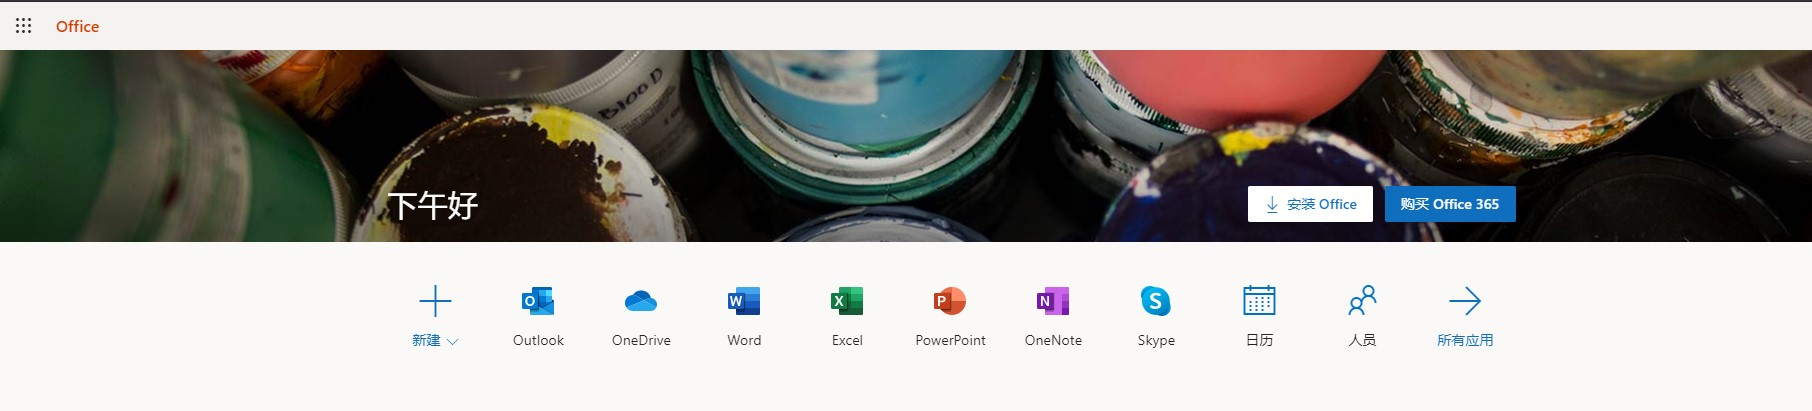 在线免费获取Office 365